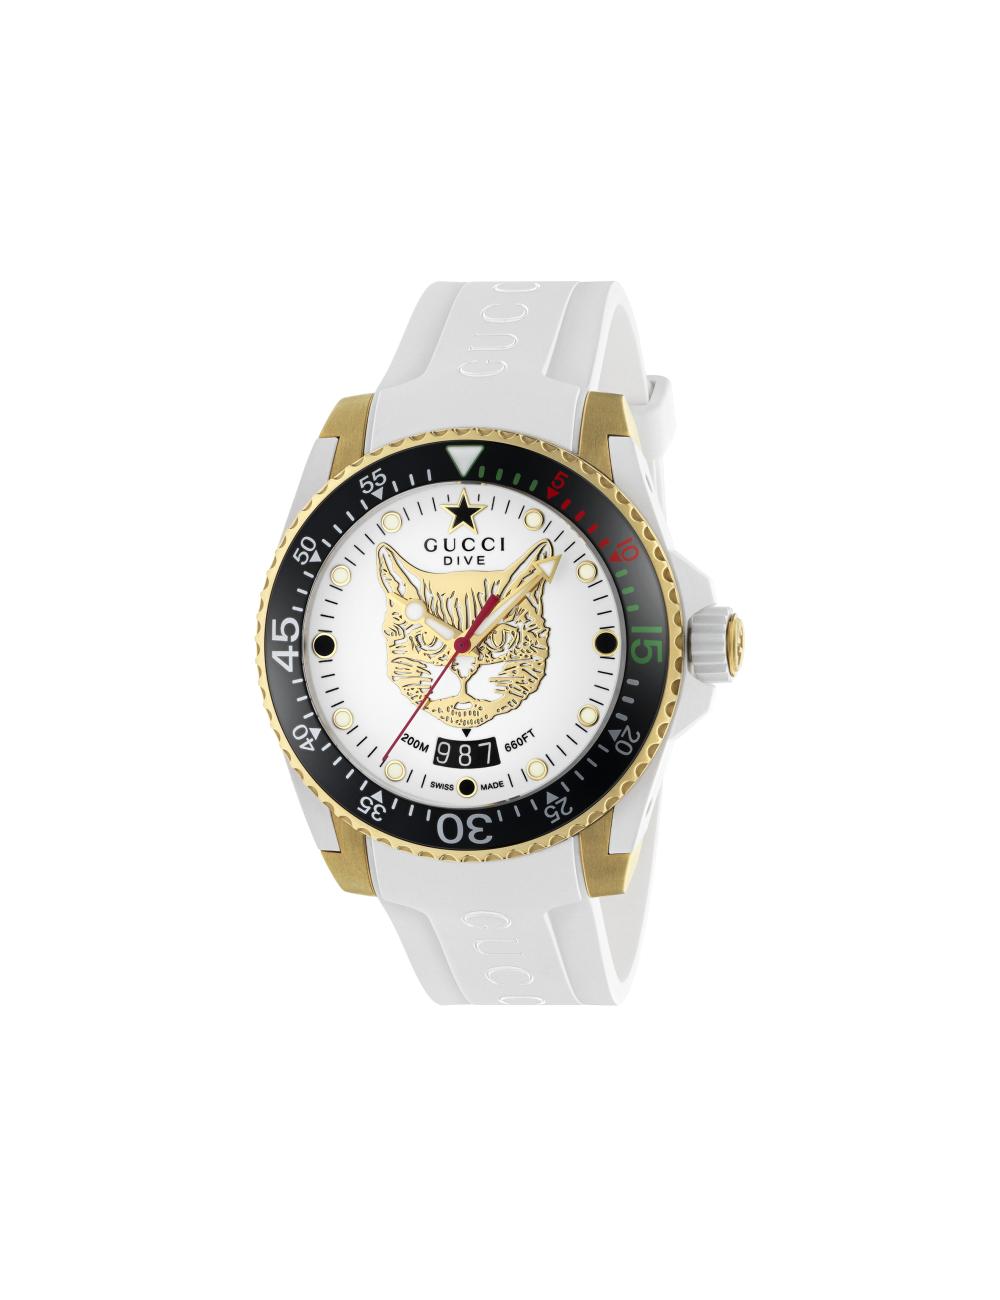 Gucci Timepieces -Gucci Dive -YA136322